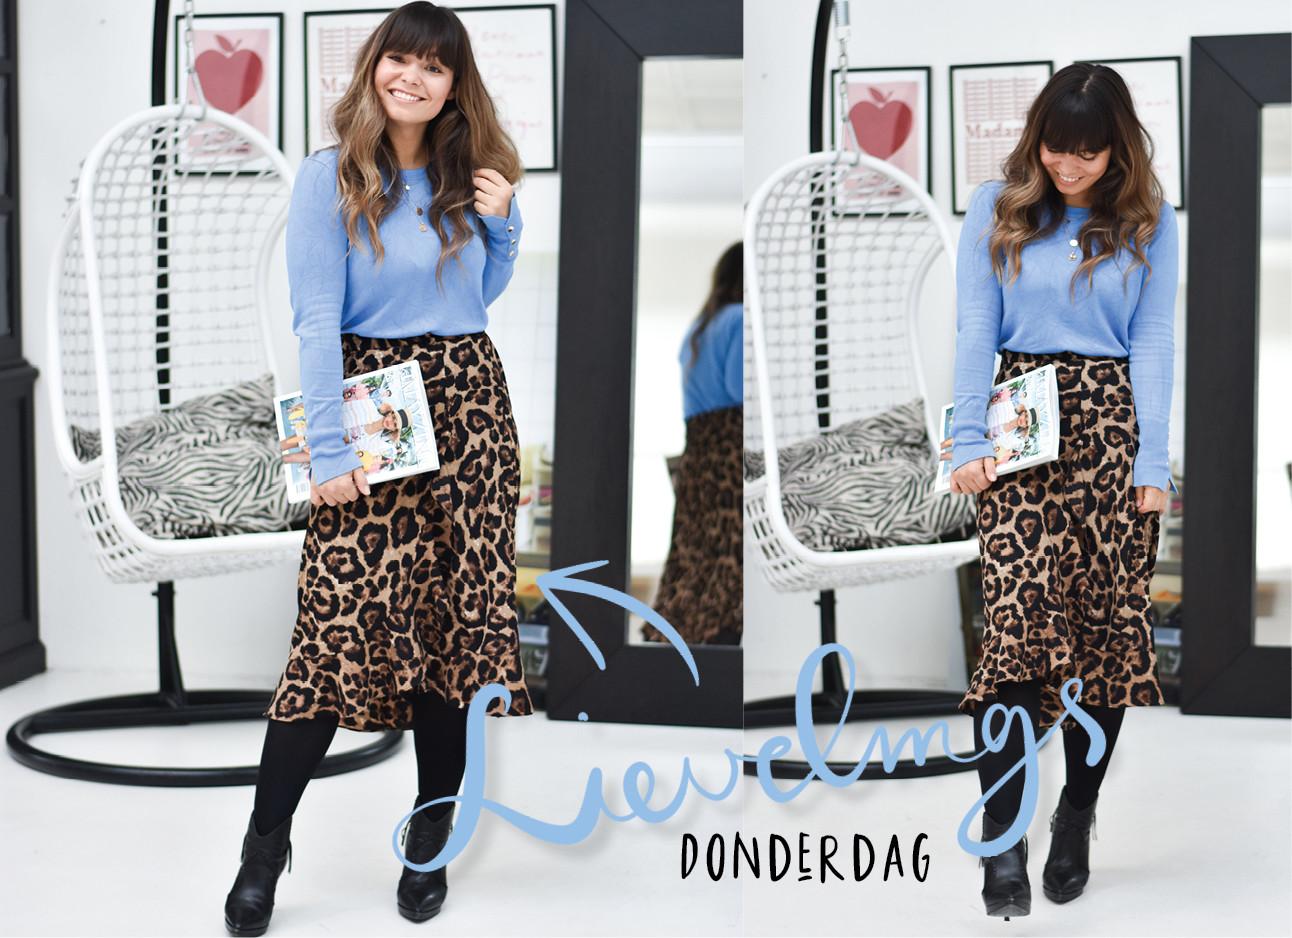 Look of the day kiki duren, ze draagt een midi panter rok met een lichtblauwe top en daaronder zwarte laarsjes. In haar hand heeft ze het amayzine runway report